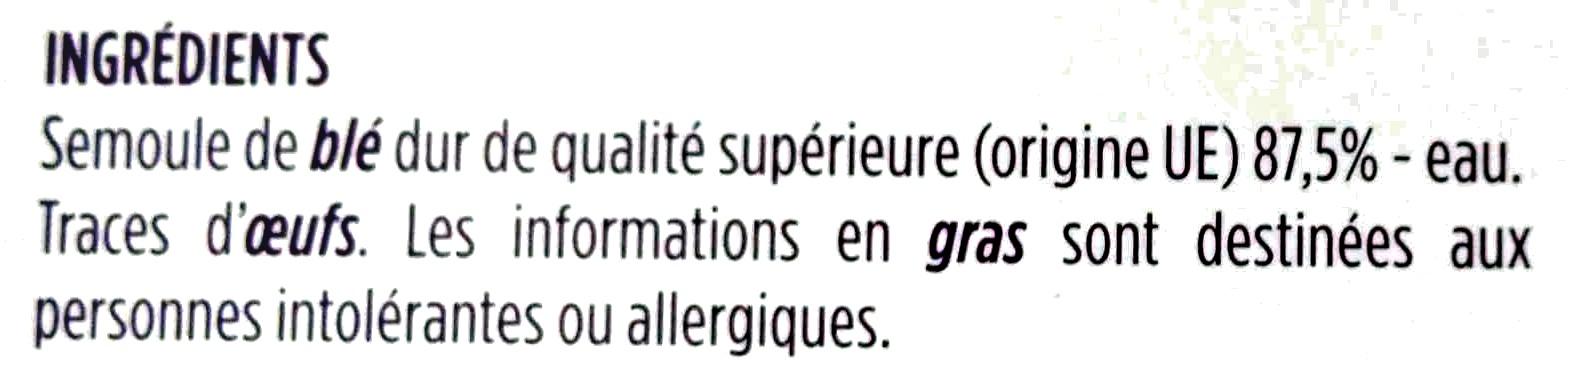 Linguine extrudées au bronze - Ingrediënten - fr